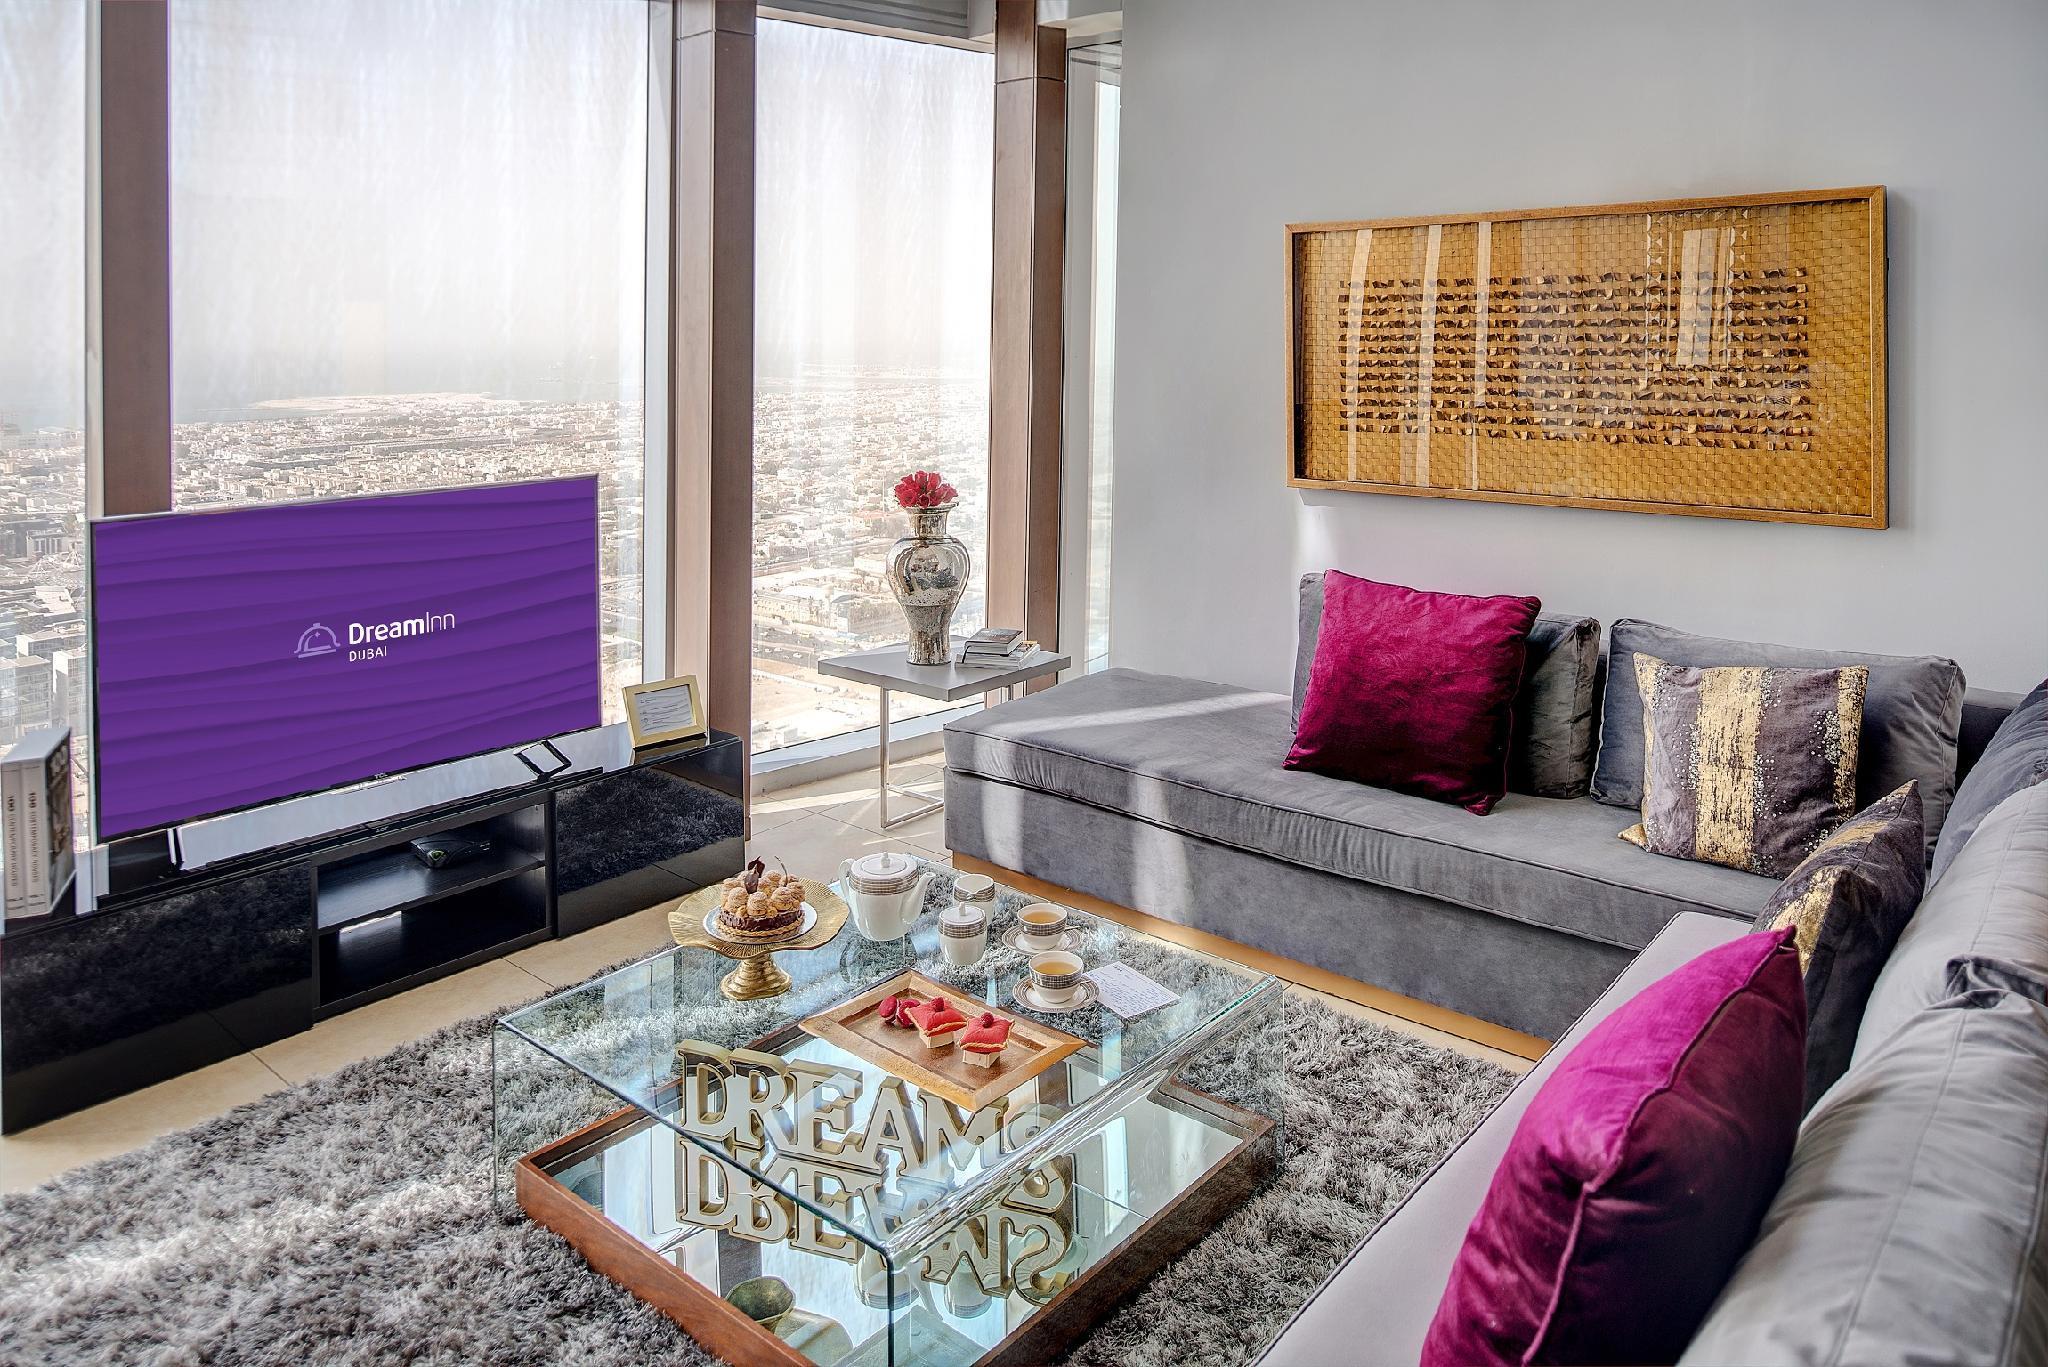 Dream Inn   48 Burj Gate 5BR Duplex Apartment